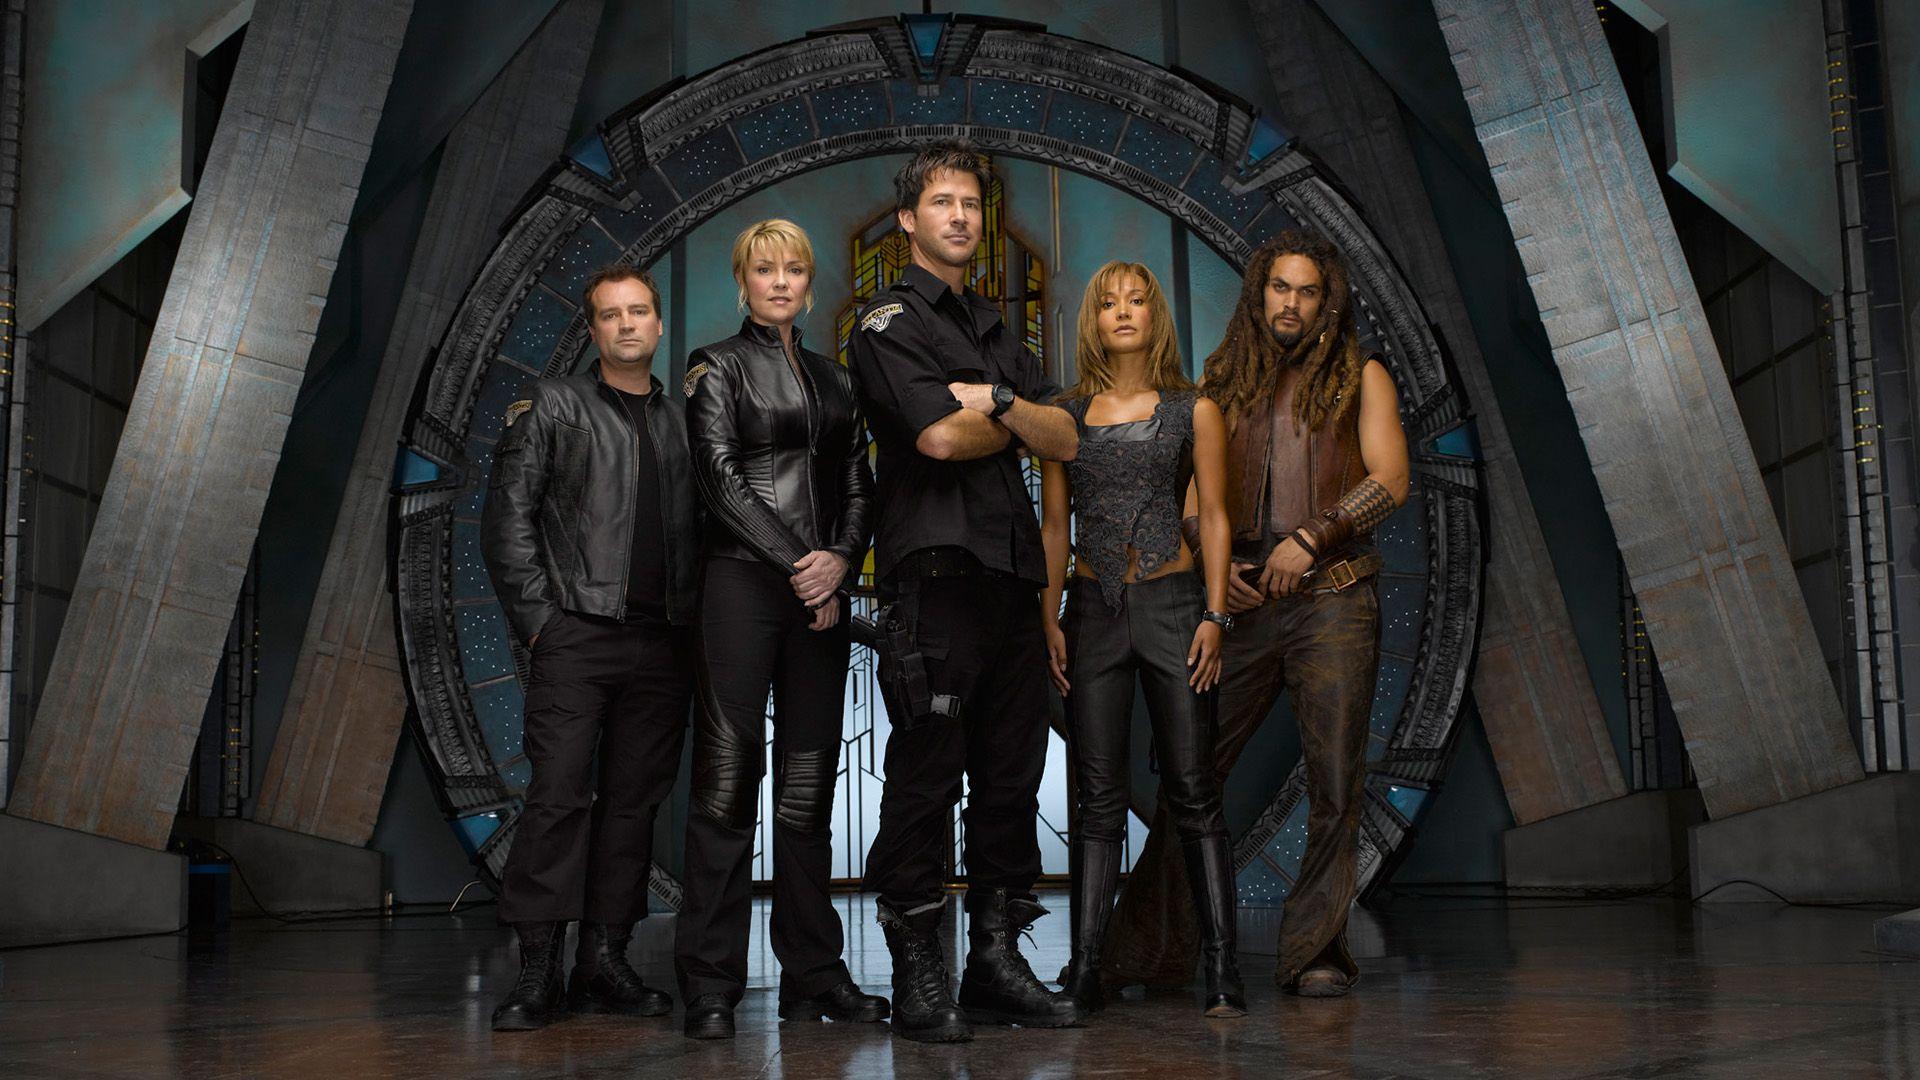 Tv Show Stargate Atlantis Wallpaper Stargate Stargate Atlantis Atlantis